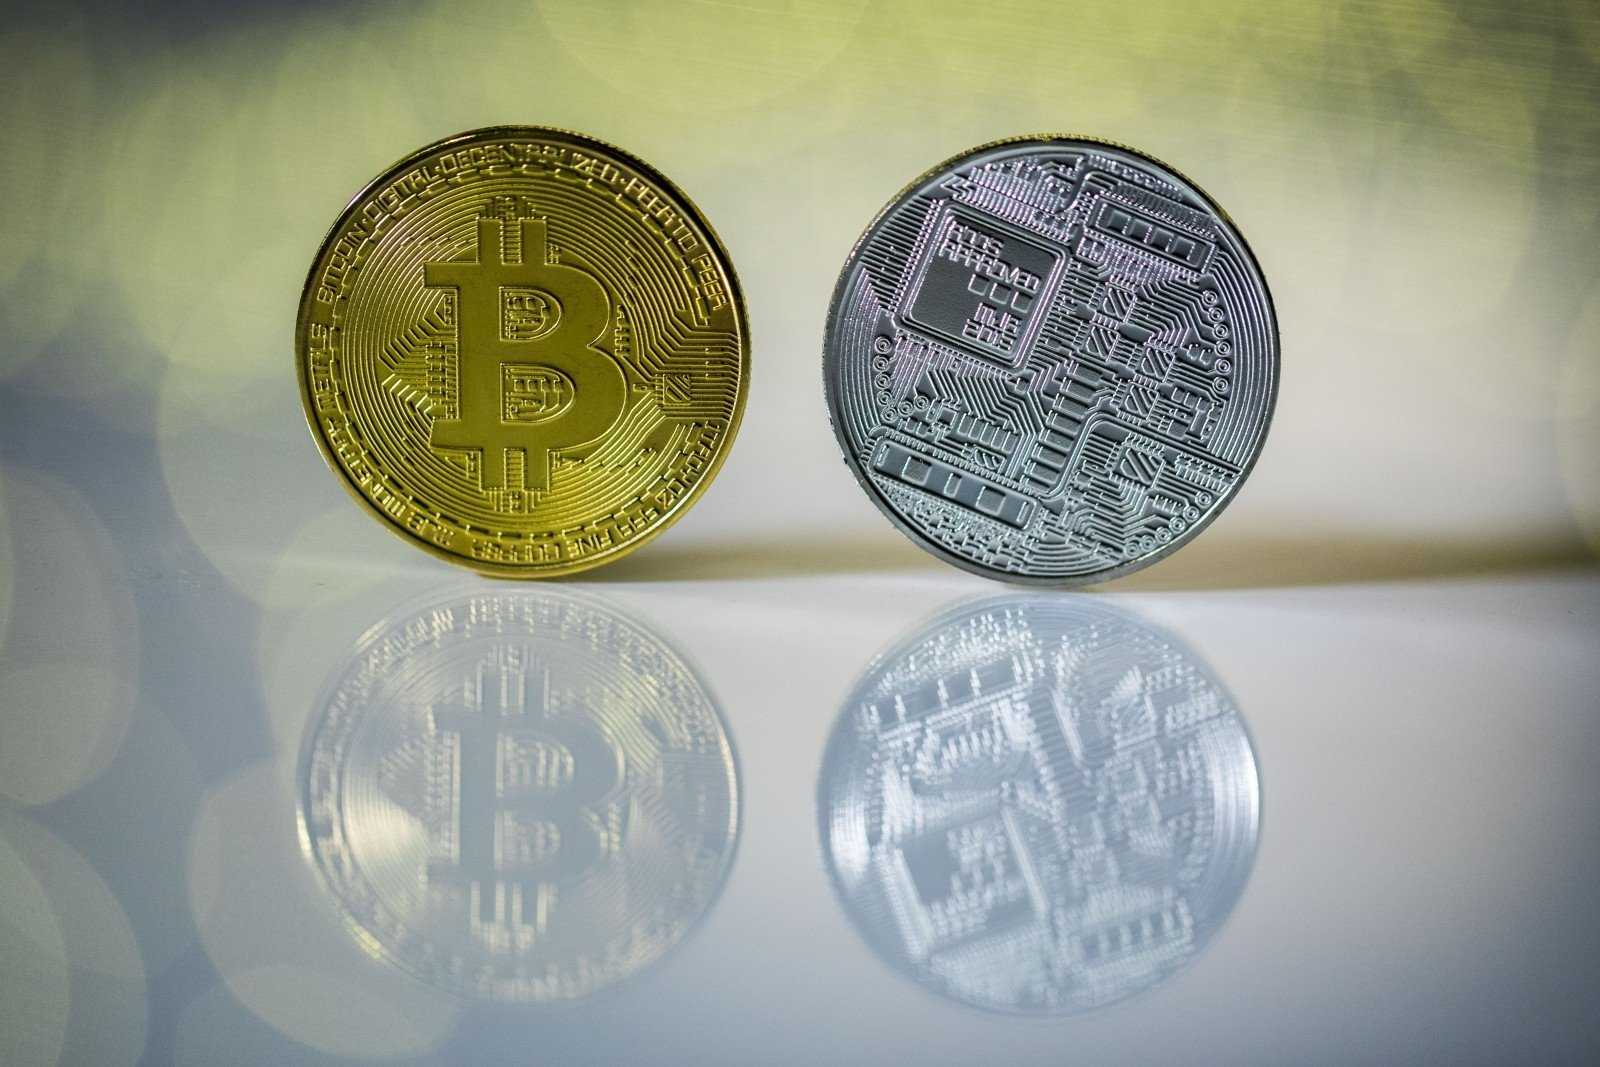 Kokia iš tiesų yra Bitkoino kaina? - Mokslo ir technologijų pasaulis